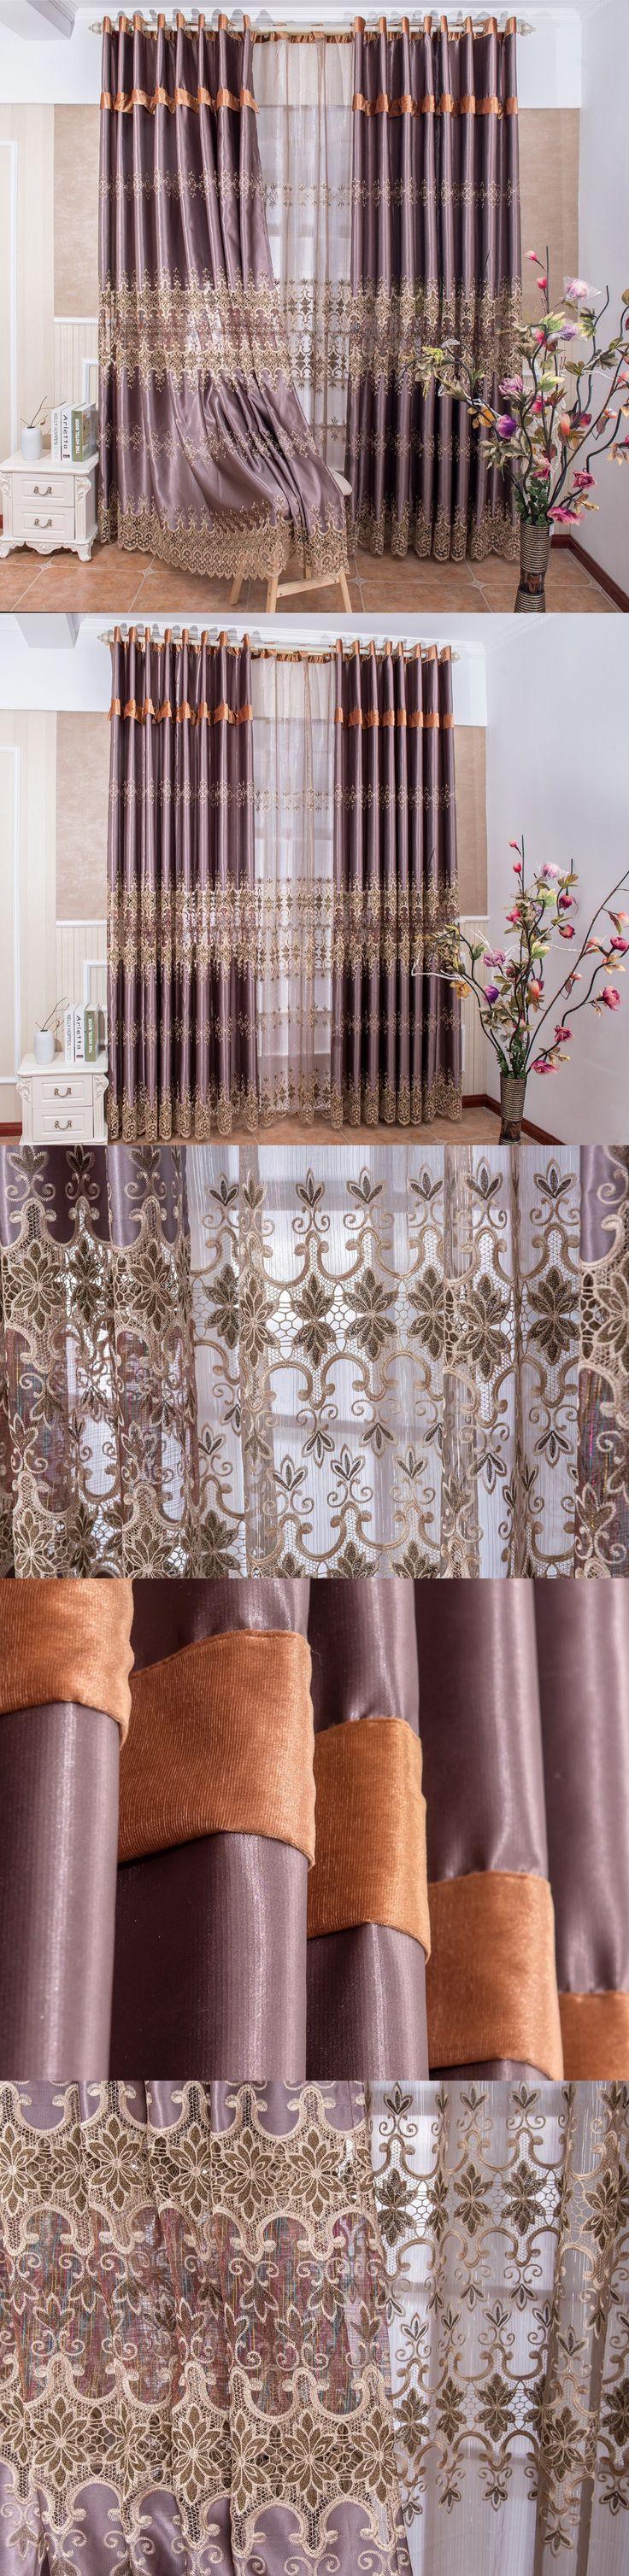 1000 Ideas About Luxury Curtains On Pinterest Silk